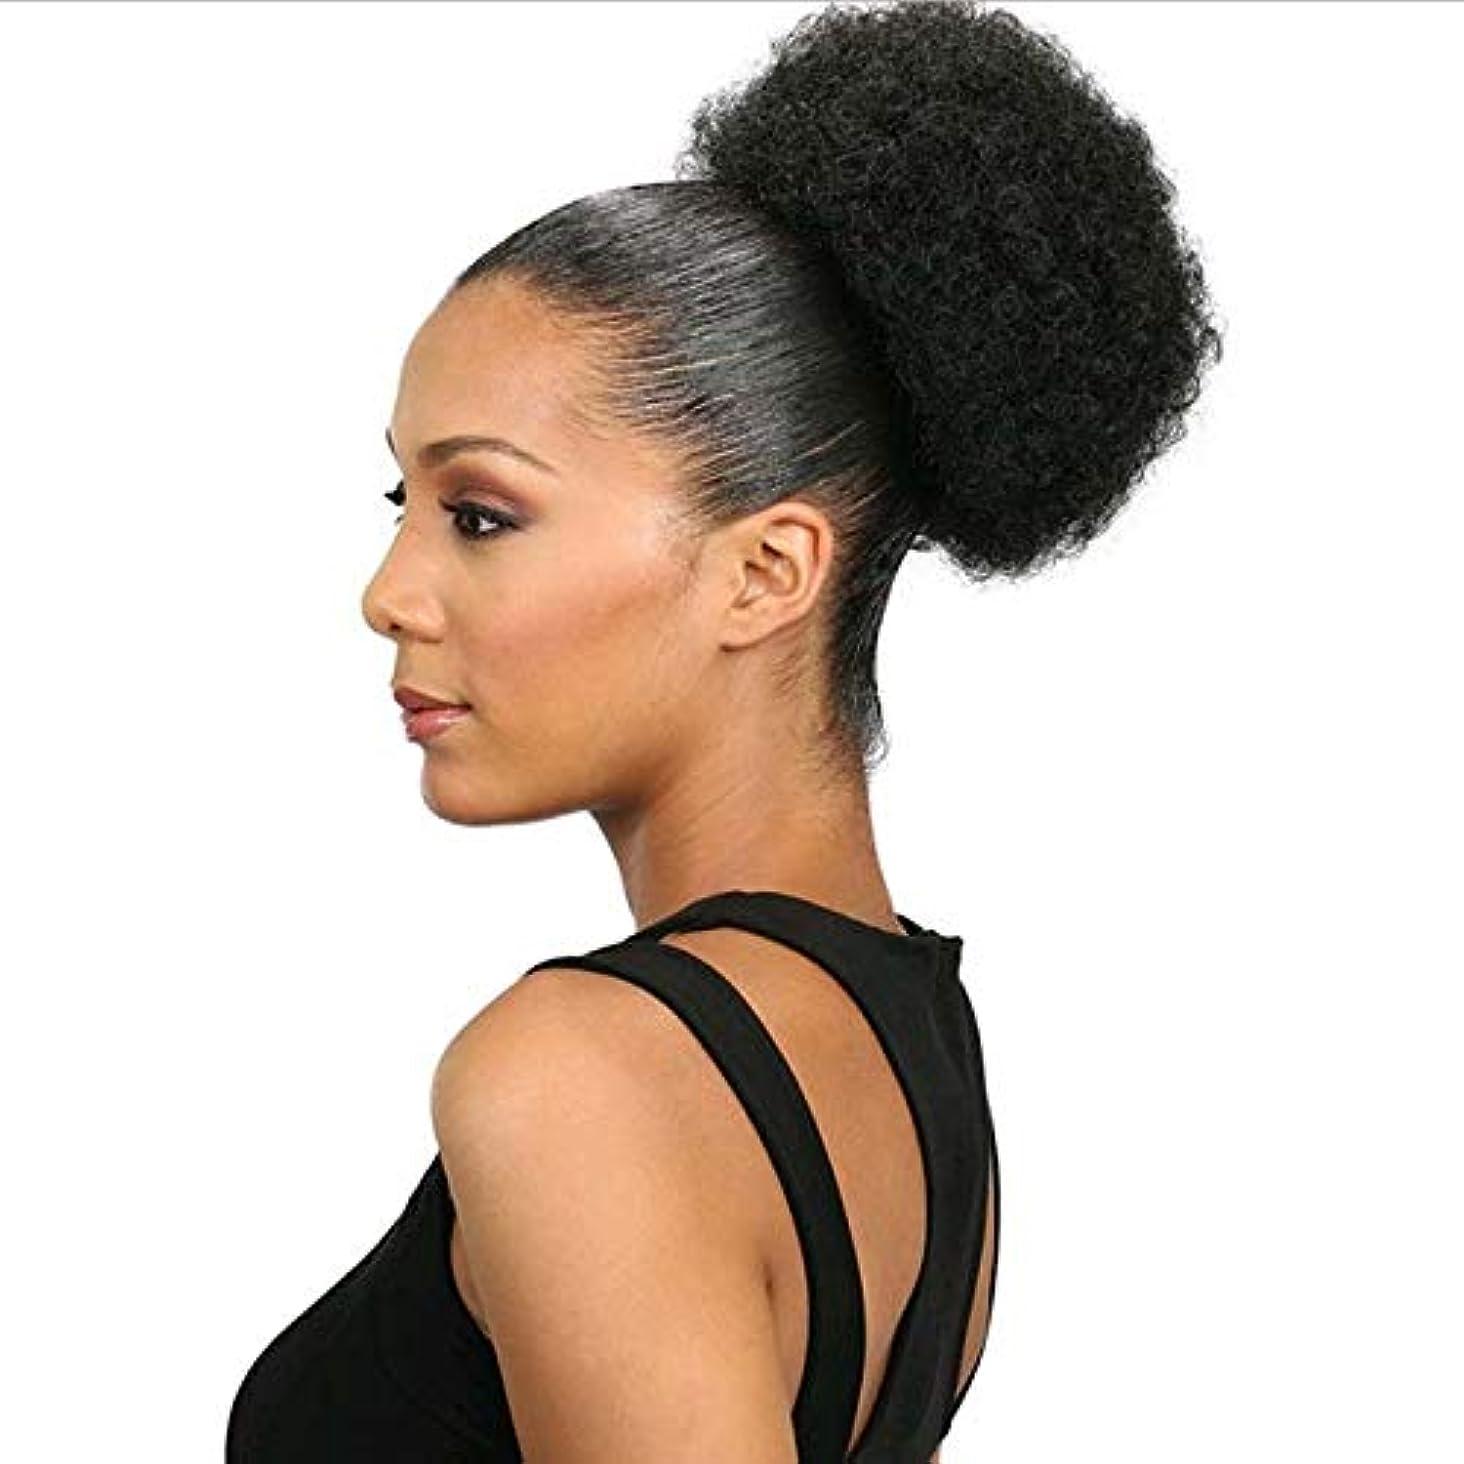 WTYD 美容ヘアツール FBBZT01ヨーロッパとアメリカの黒人爆発ヘッドふわふわカールヘアネットウィッグ (色 : Black)